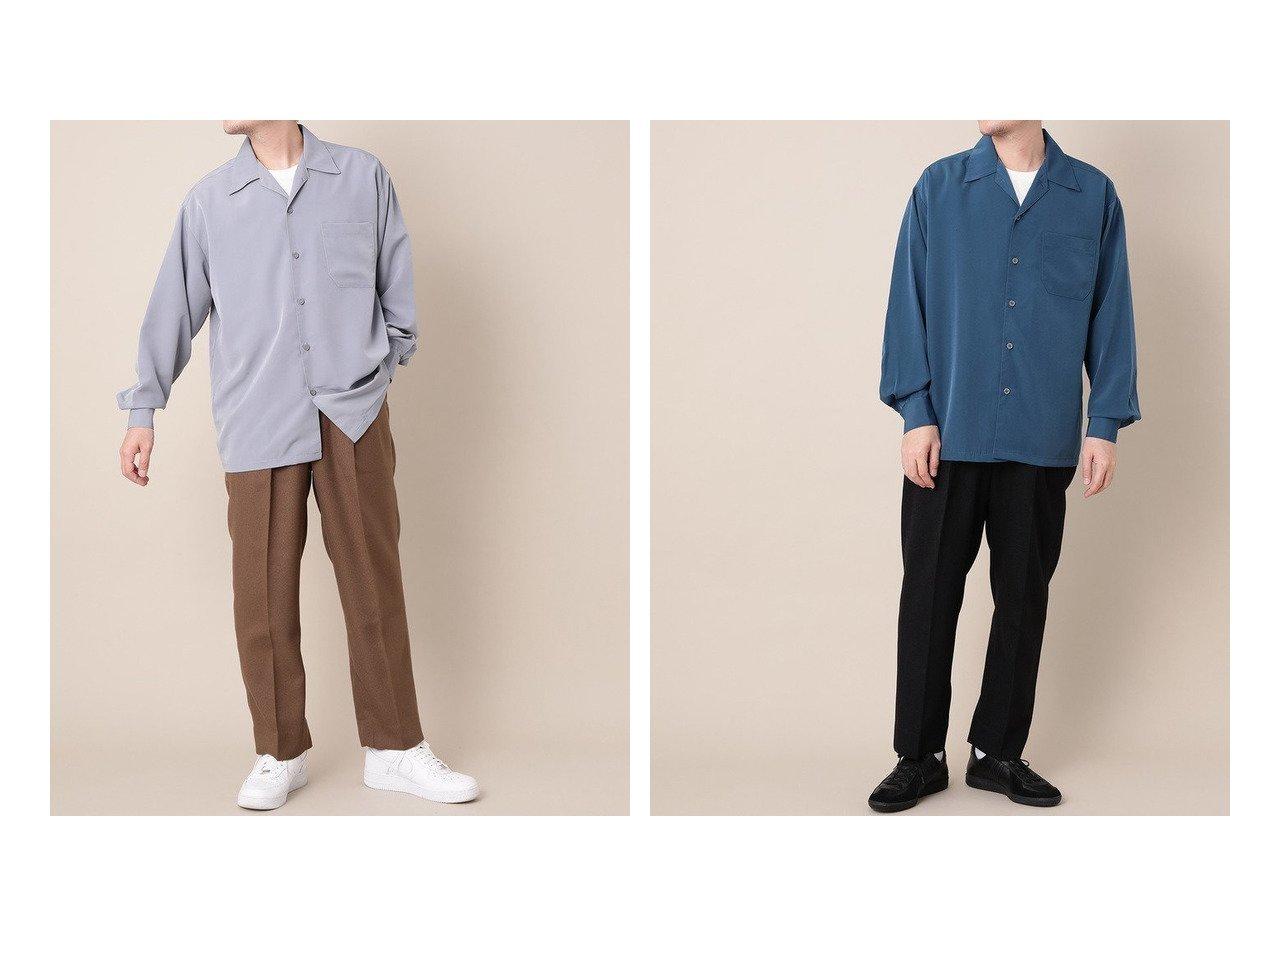 【Adam et Rope / MEN/アダムエロペ 】の【CalTOP】ビッグシルエット オープンカラーシャツ 【MEN】男性のおすすめ!人気トレンド・メンズファッションの通販  おすすめで人気のファッション通販商品 インテリア・家具・キッズファッション・メンズファッション・レディースファッション・服の通販 founy(ファニー) https://founy.com/ ファッション Fashion メンズ MEN トップス Tops Tshirt Men シャツ Shirts エレガント ショルダー ターコイズ トレンド ドロップ ビッグ ベーシック  ID:crp329100000006543